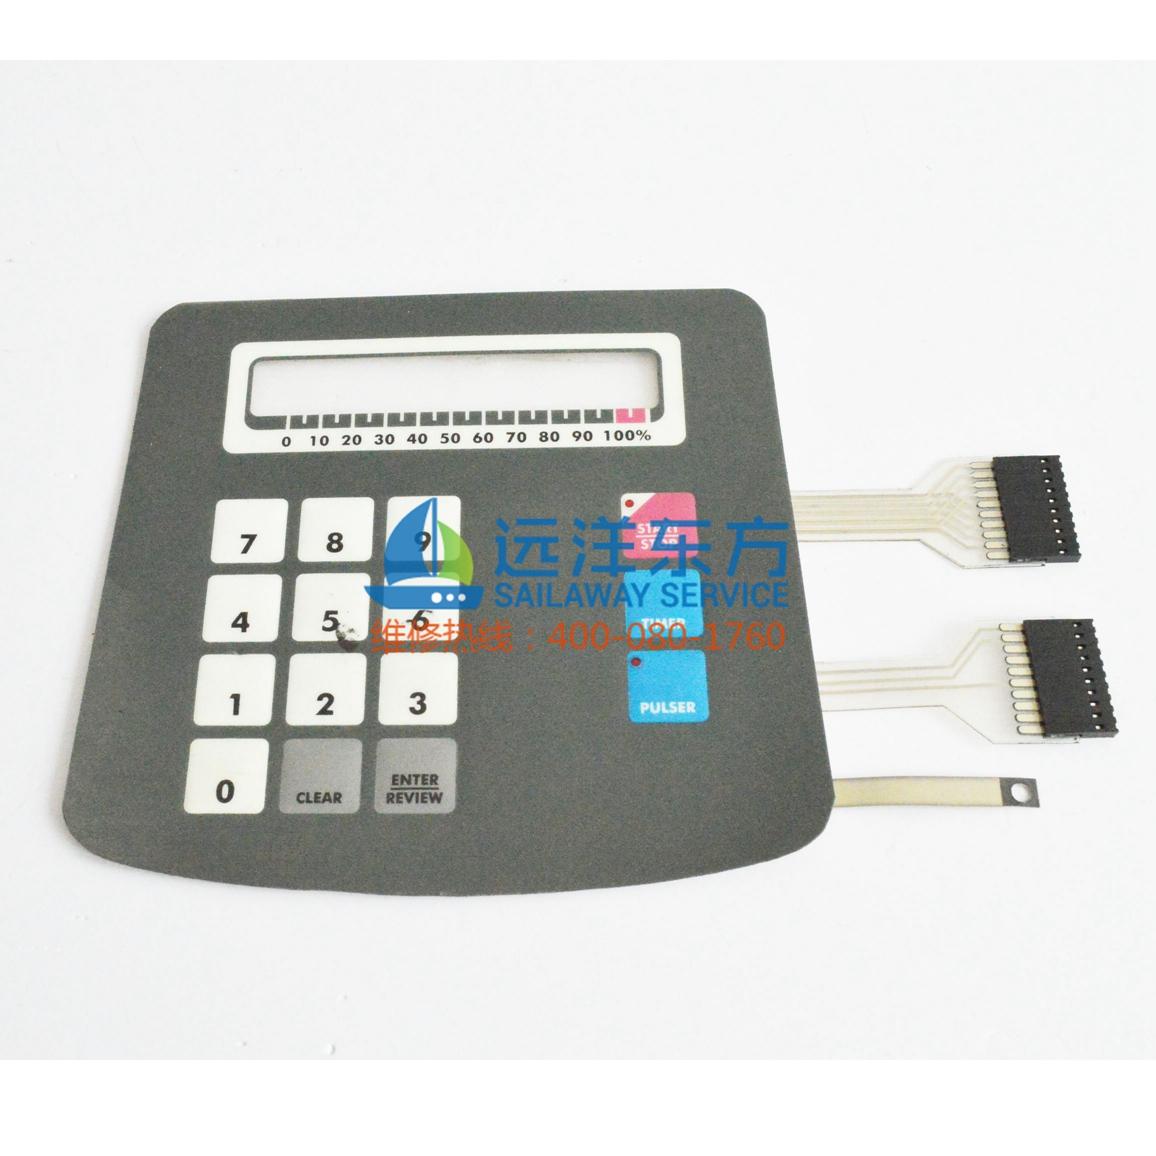 Sonics vc750超声波破碎仪按键板 货号2478